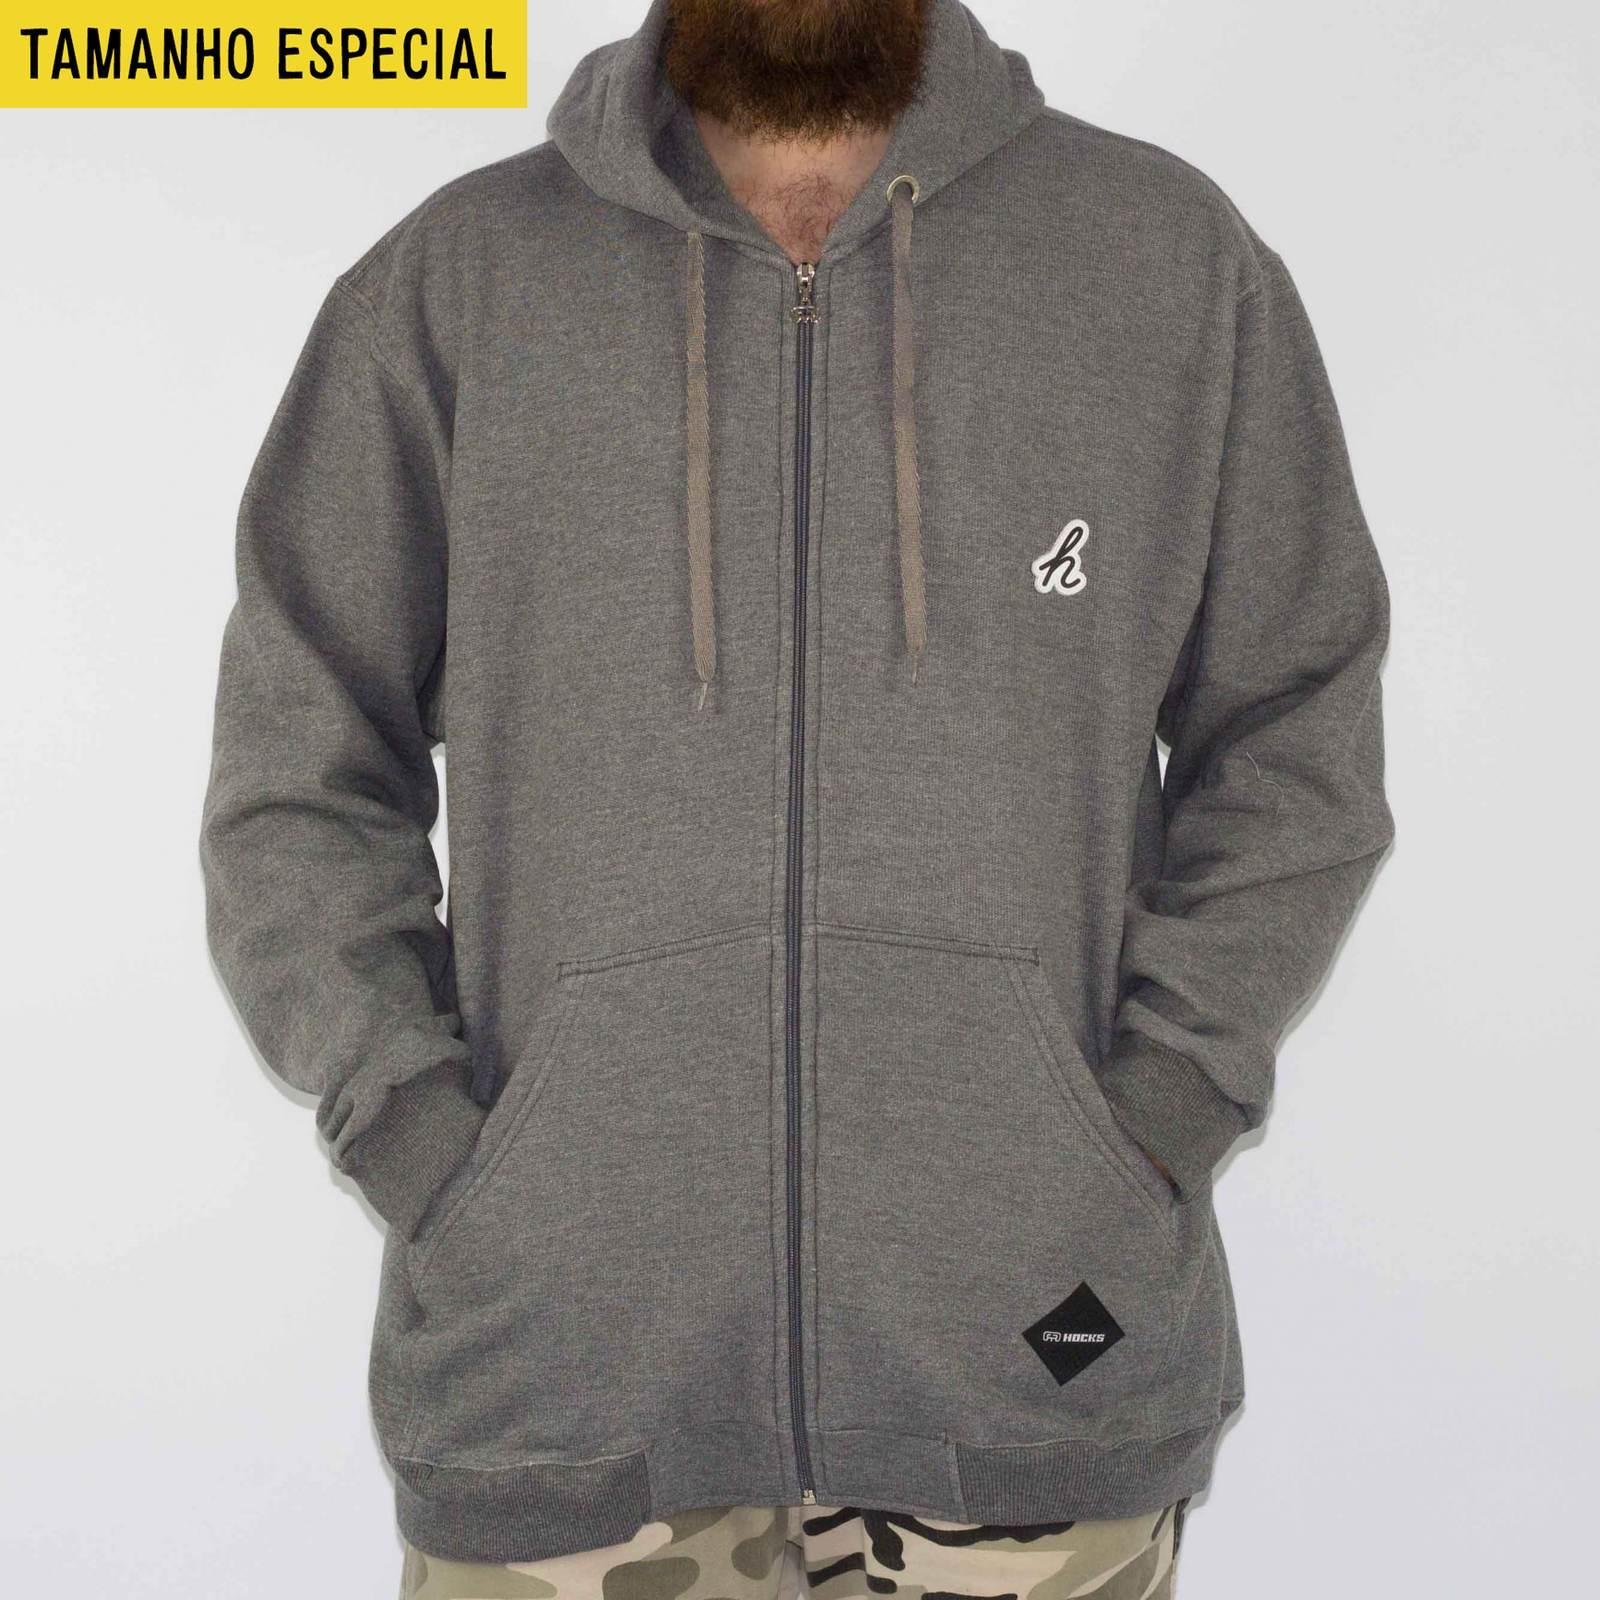 3f7008781 Moletom Hocks Agazin Cinza Escuro (Tamanho Especial) - Skate Shop ...